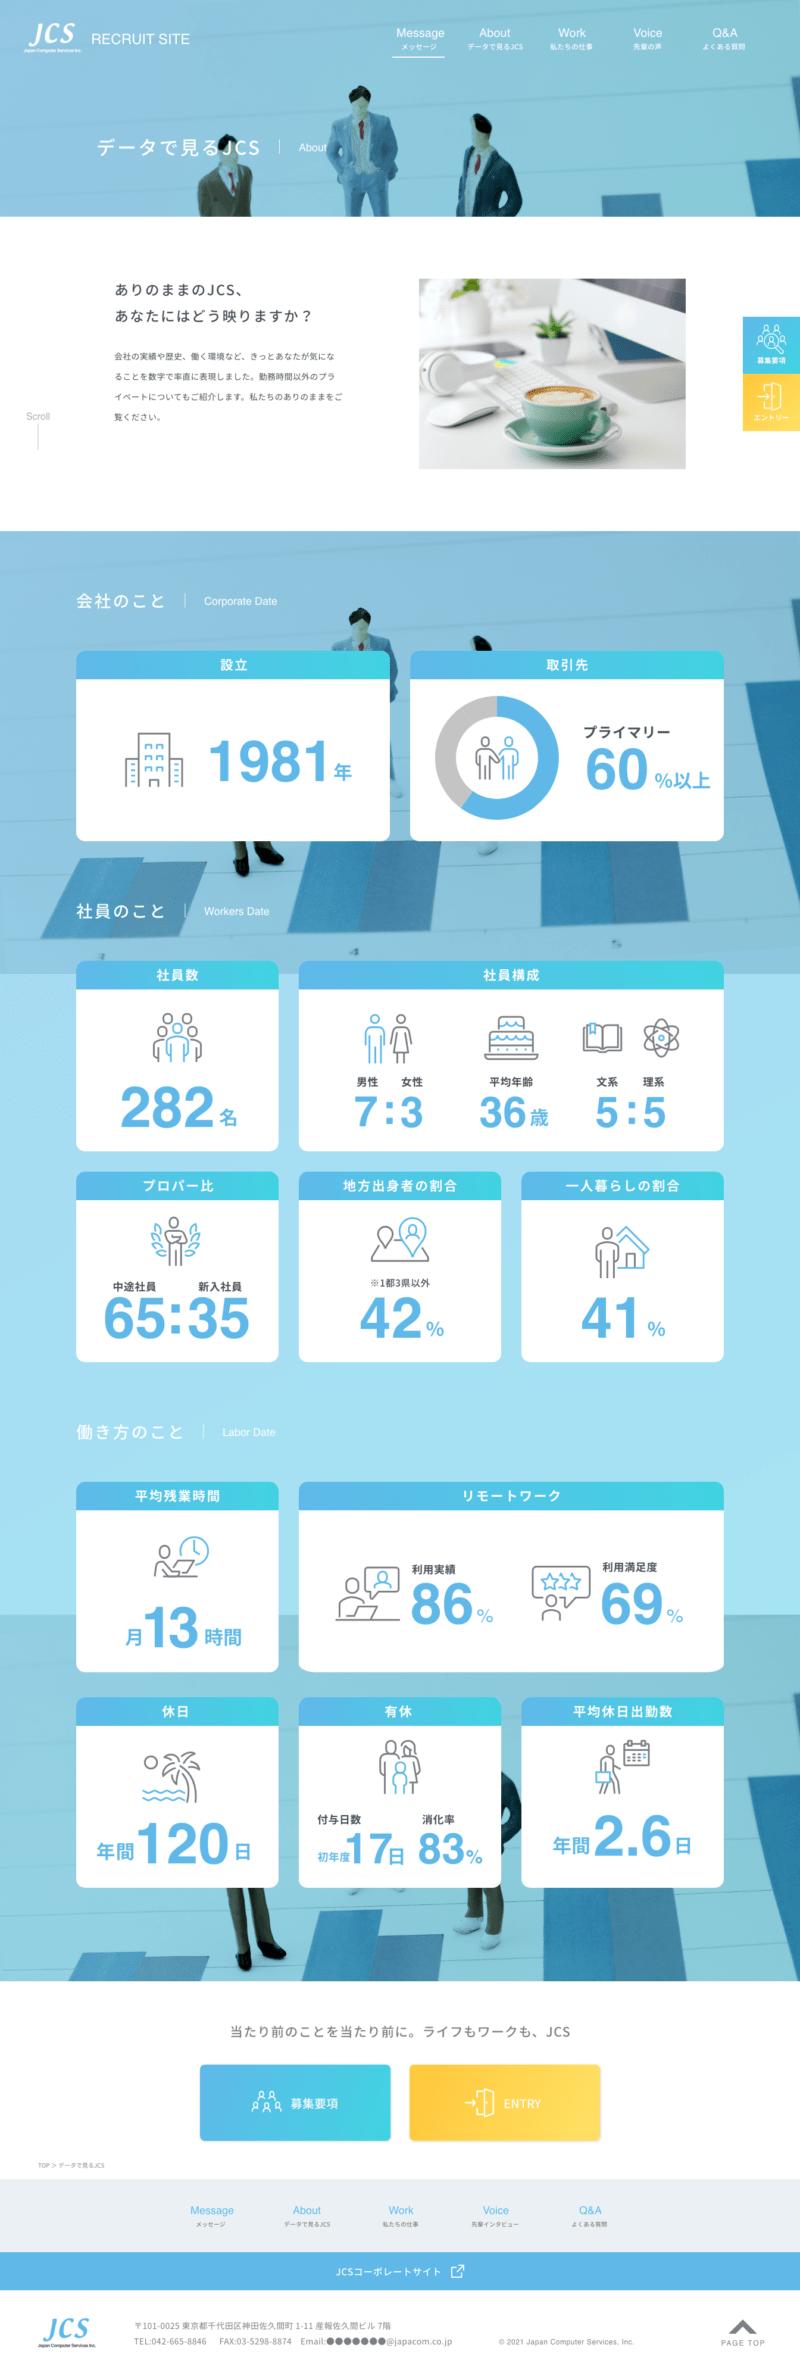 株式会社ジャパンコンピューターサービス様 採用サイト「データで見るJCS」ページ